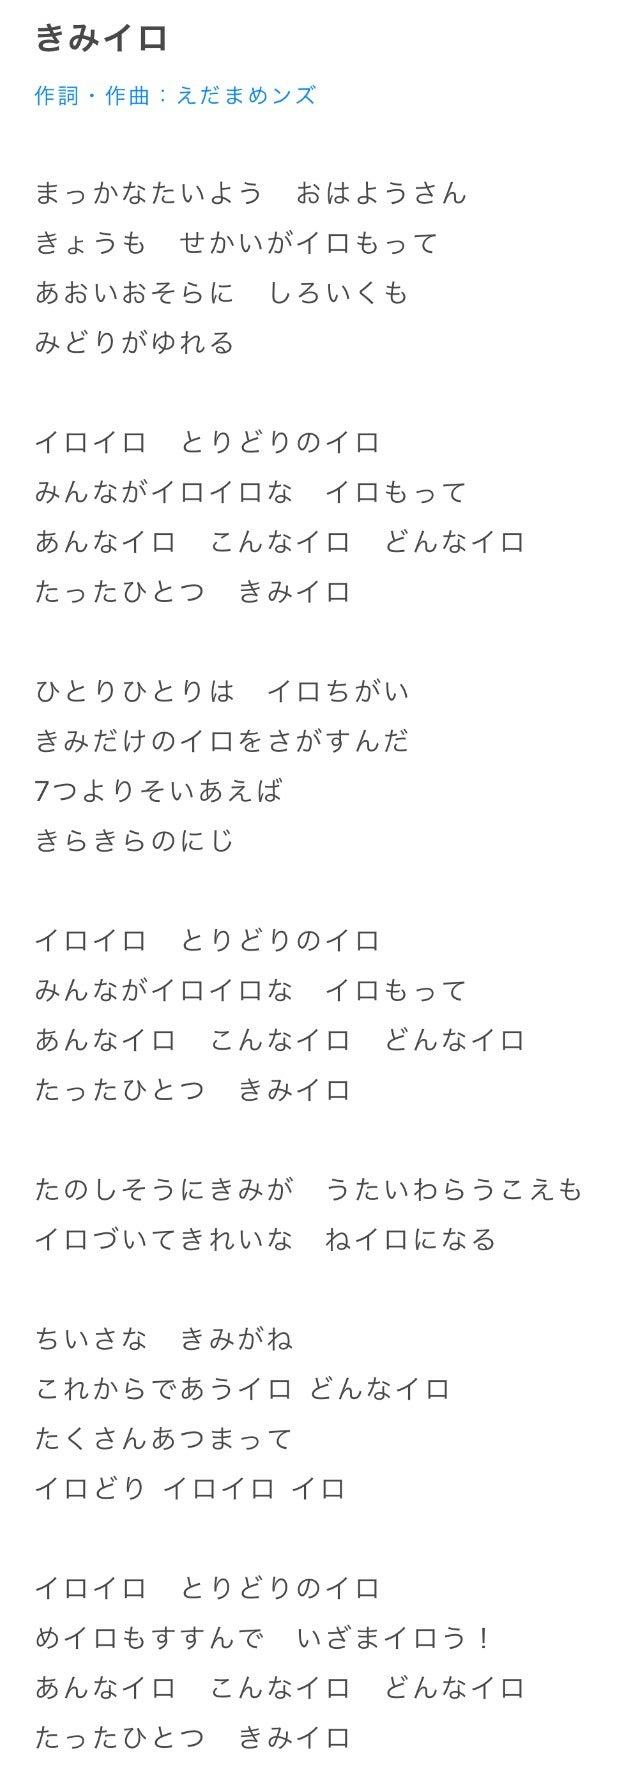 きみイロ 歌詞